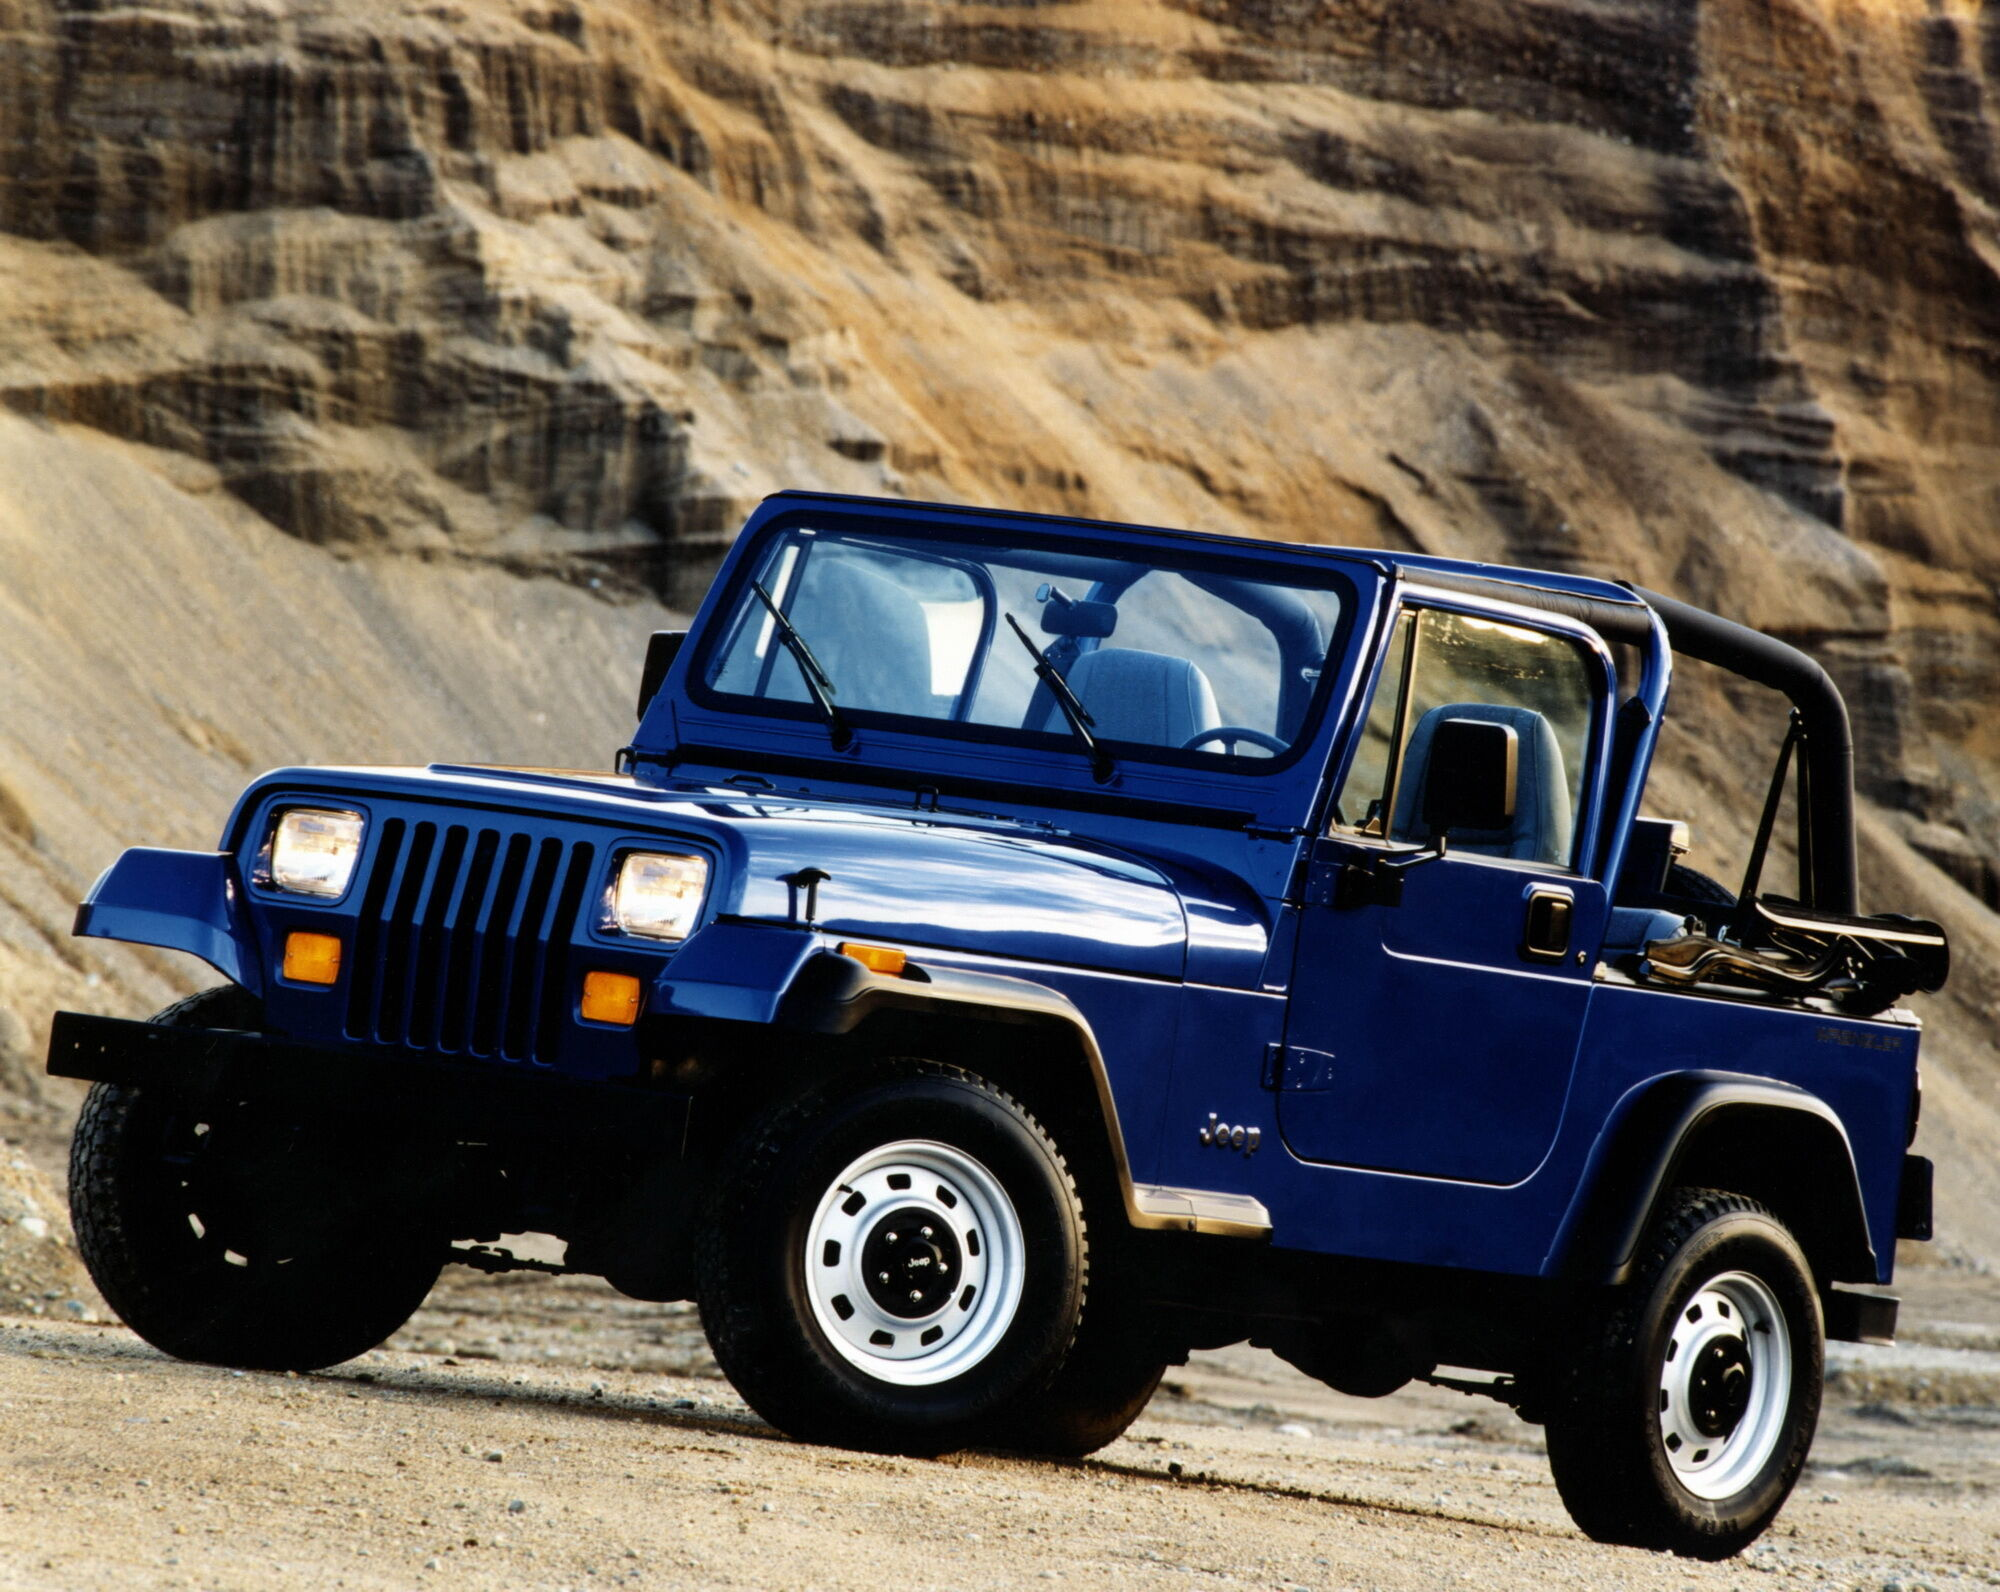 Wrangler стал одним из самых популярных и мощных автомобилей Jeep всех времен